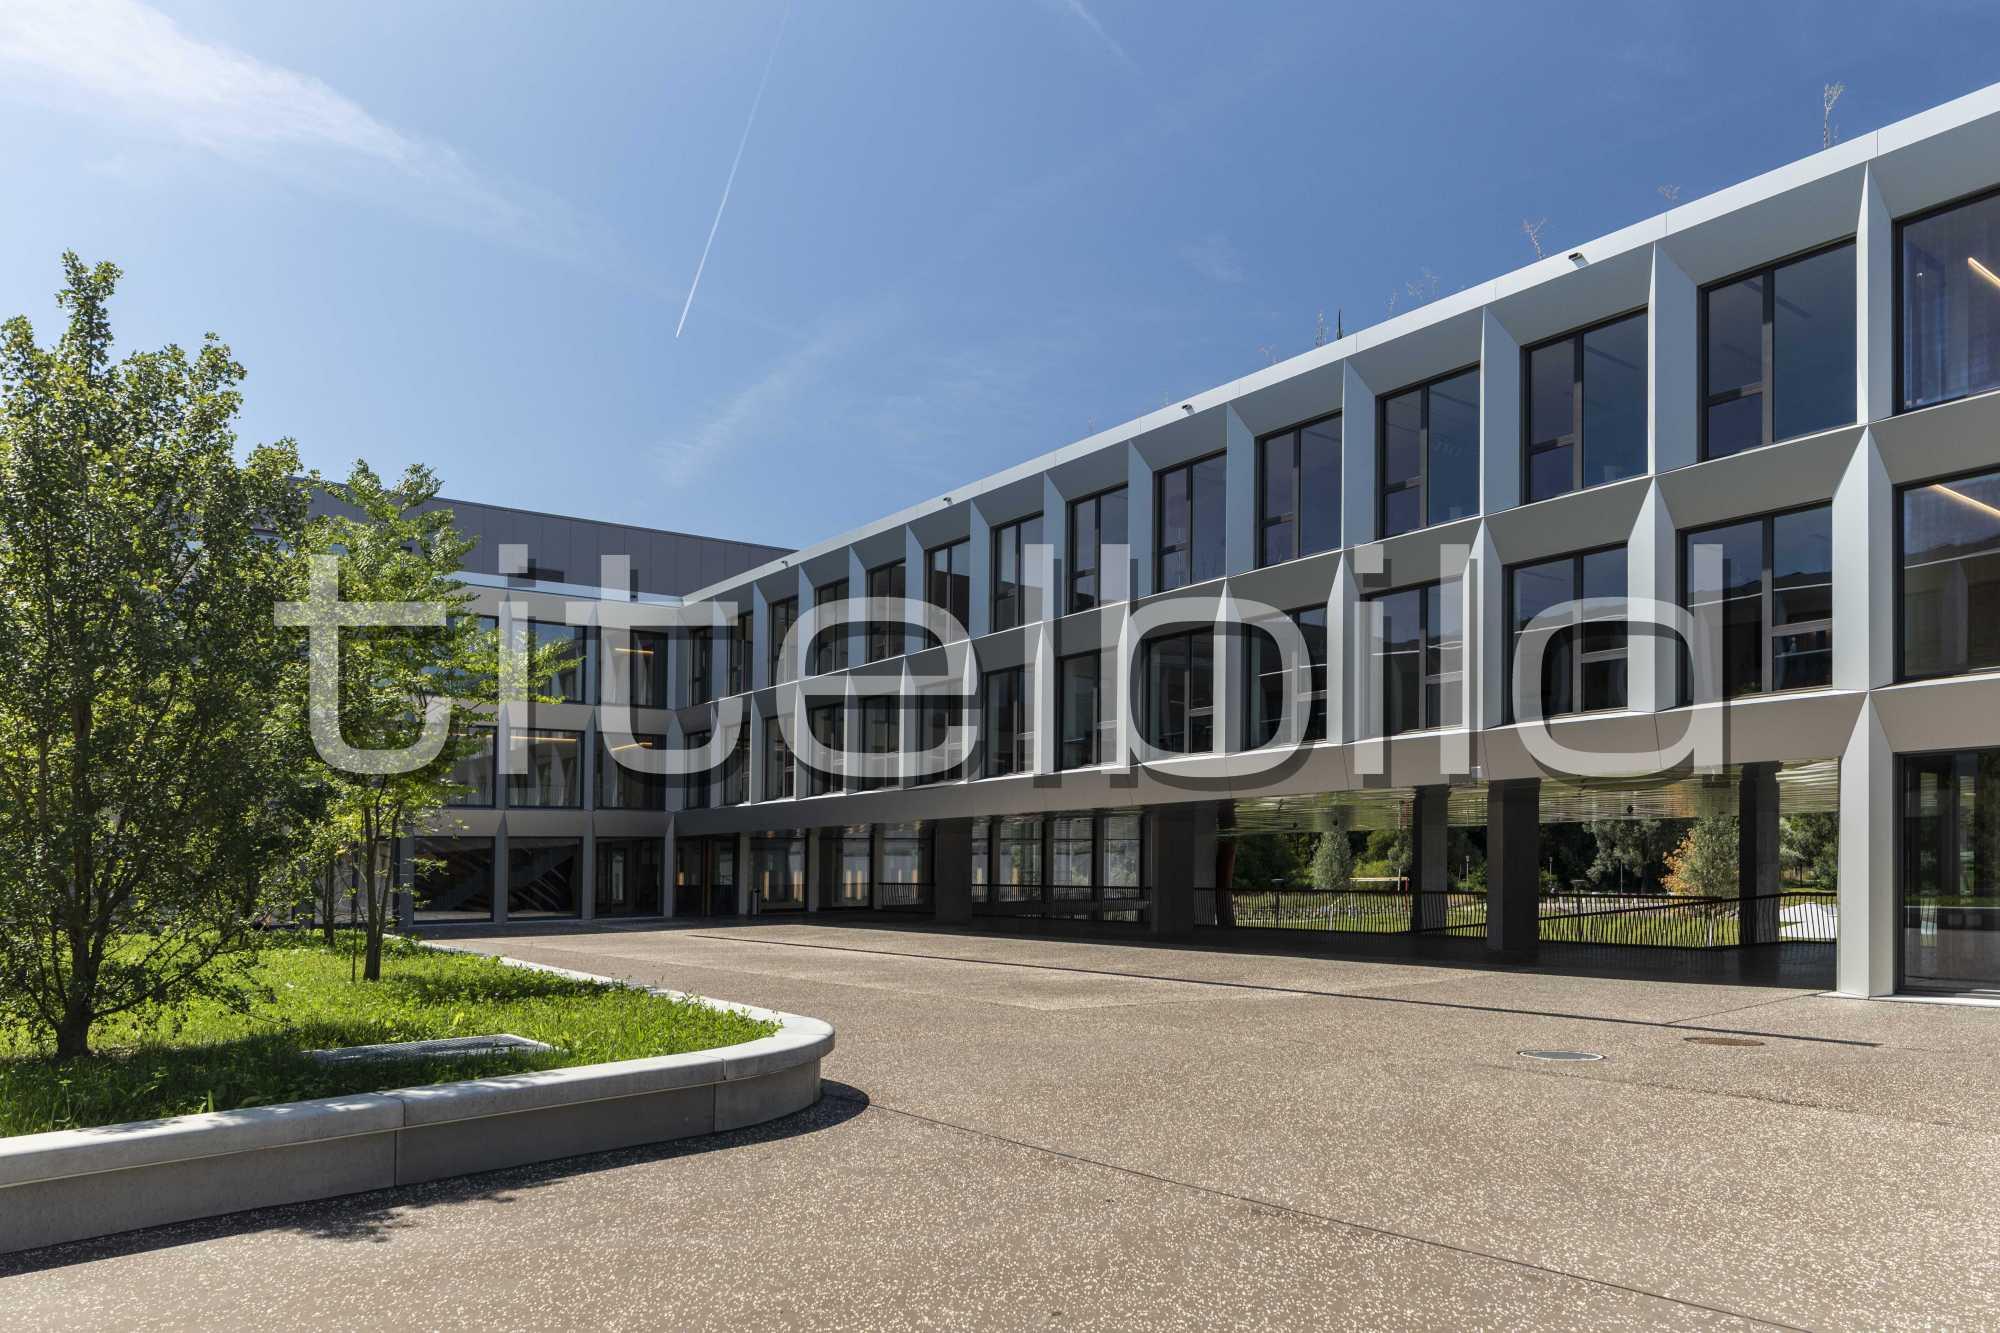 Projektbild-Nr. 2: BZU Bildungszentrum